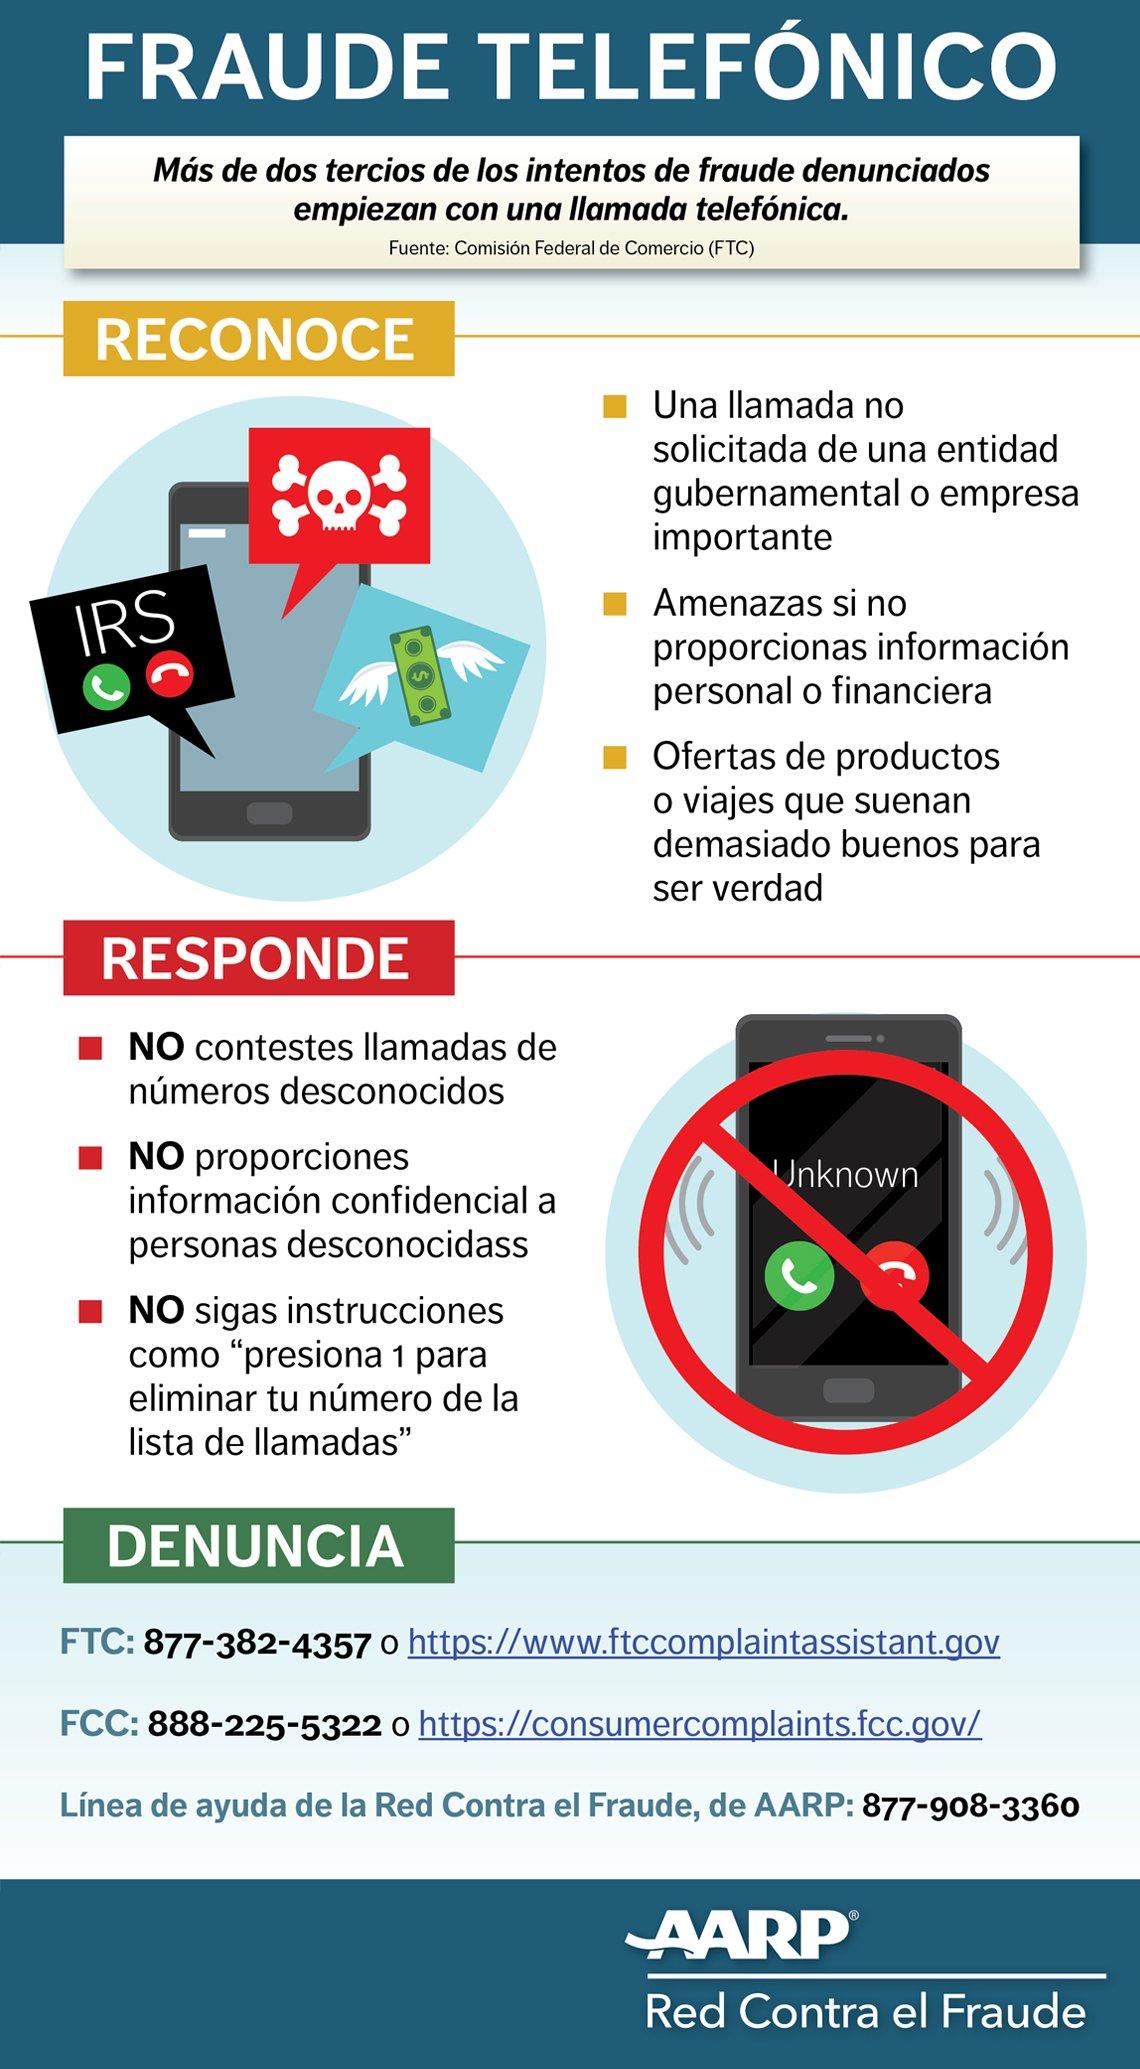 Guía para evitar el fraude telefónico.